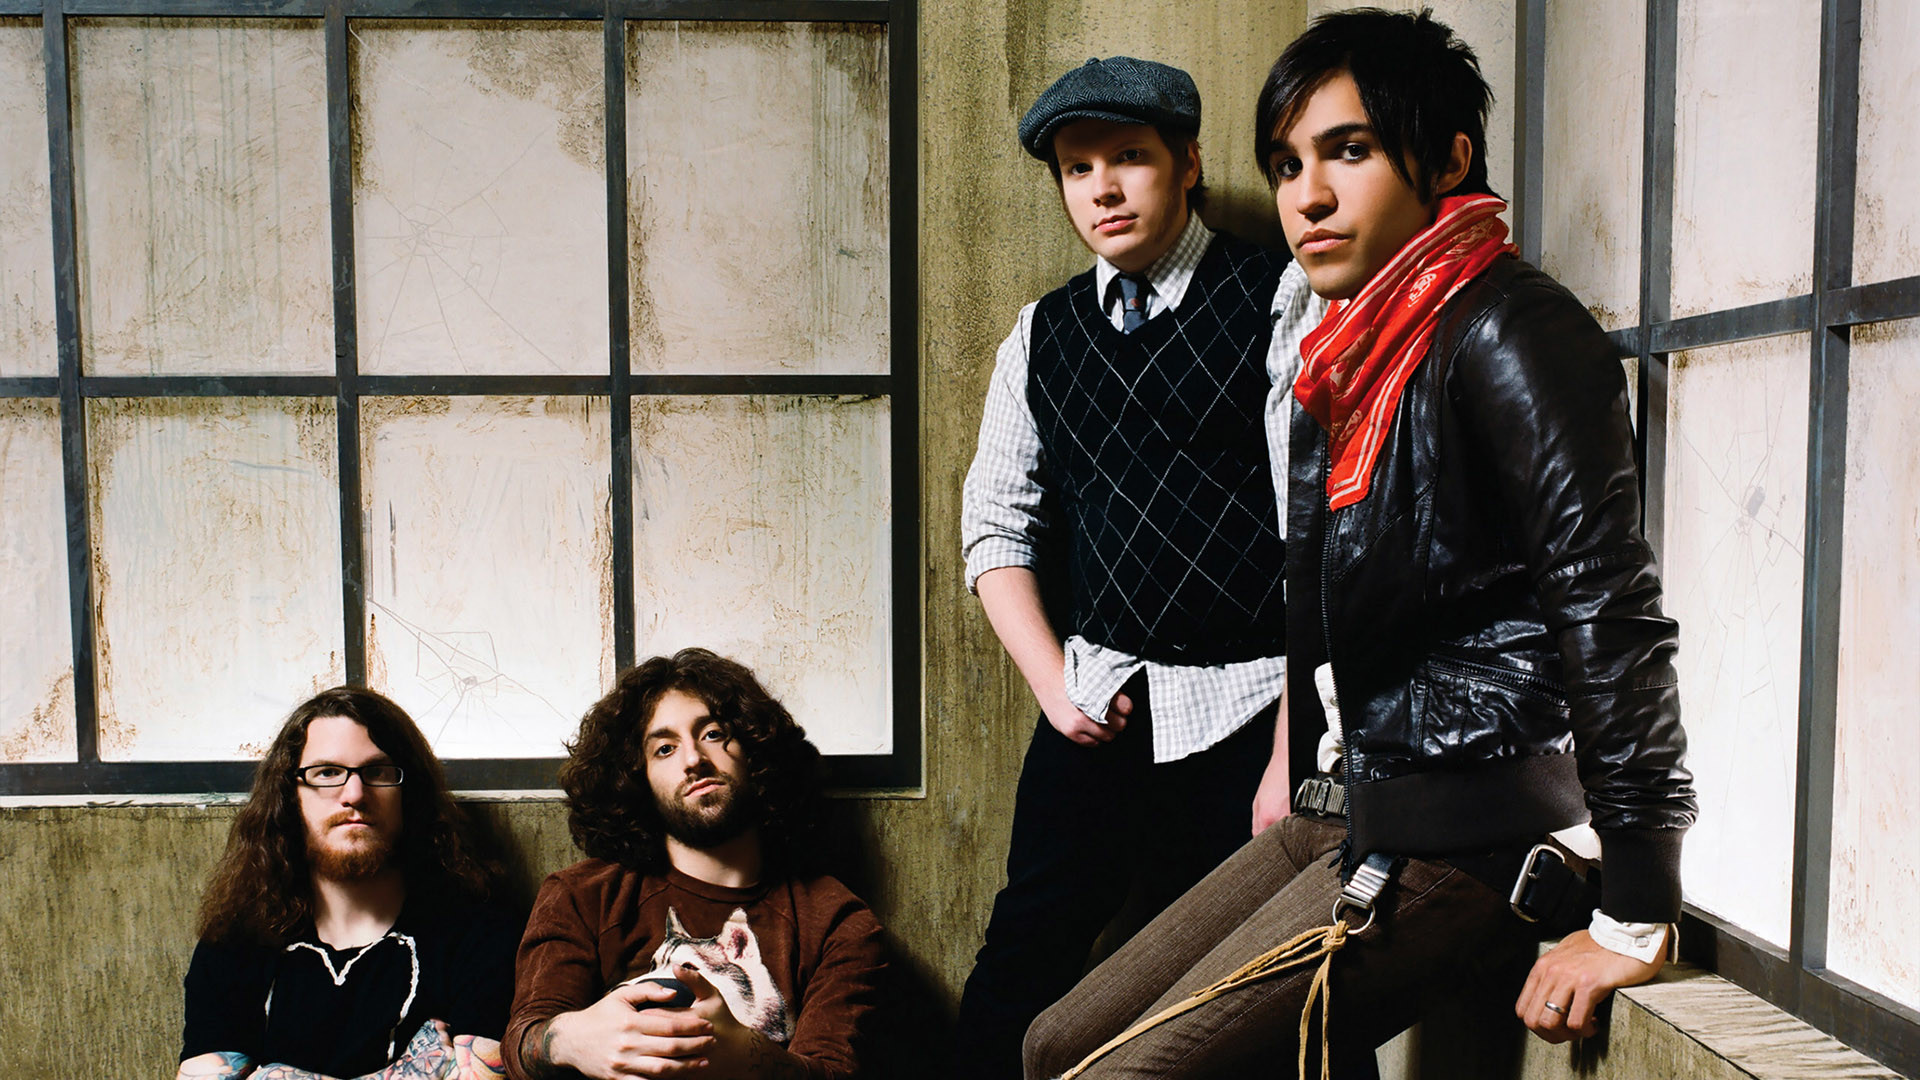 Fall Out Boy backdrop wallpaper